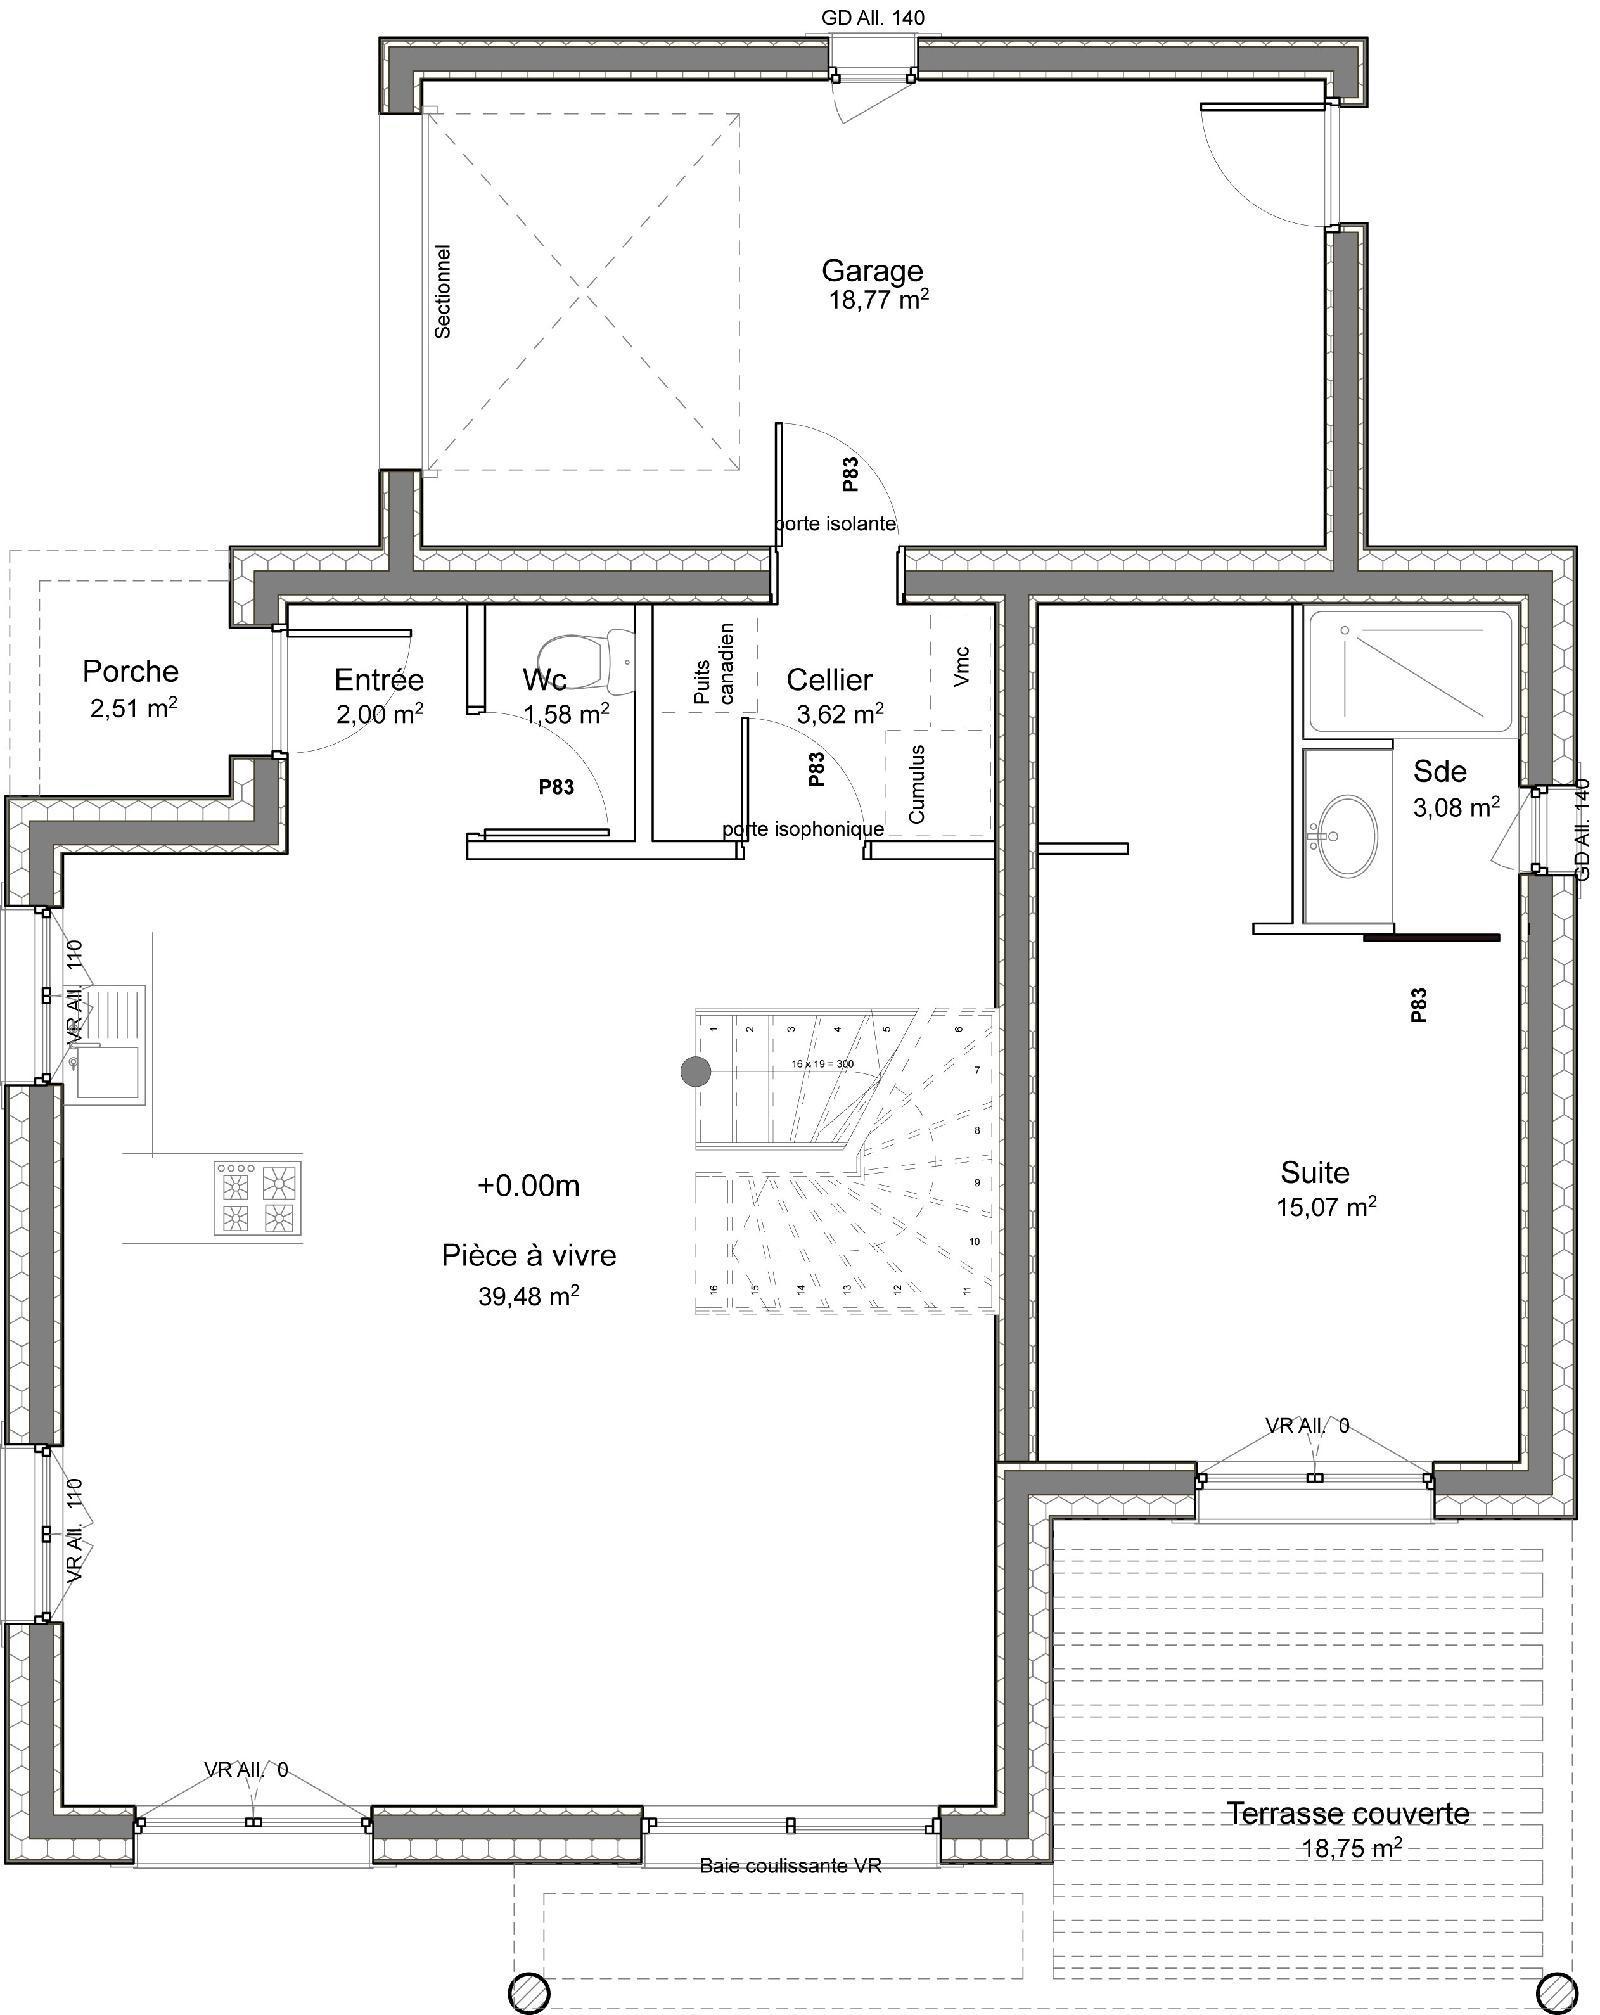 Planos y fachadas de casas pequenas de una planta y tres for Modelos de casas de una sola planta